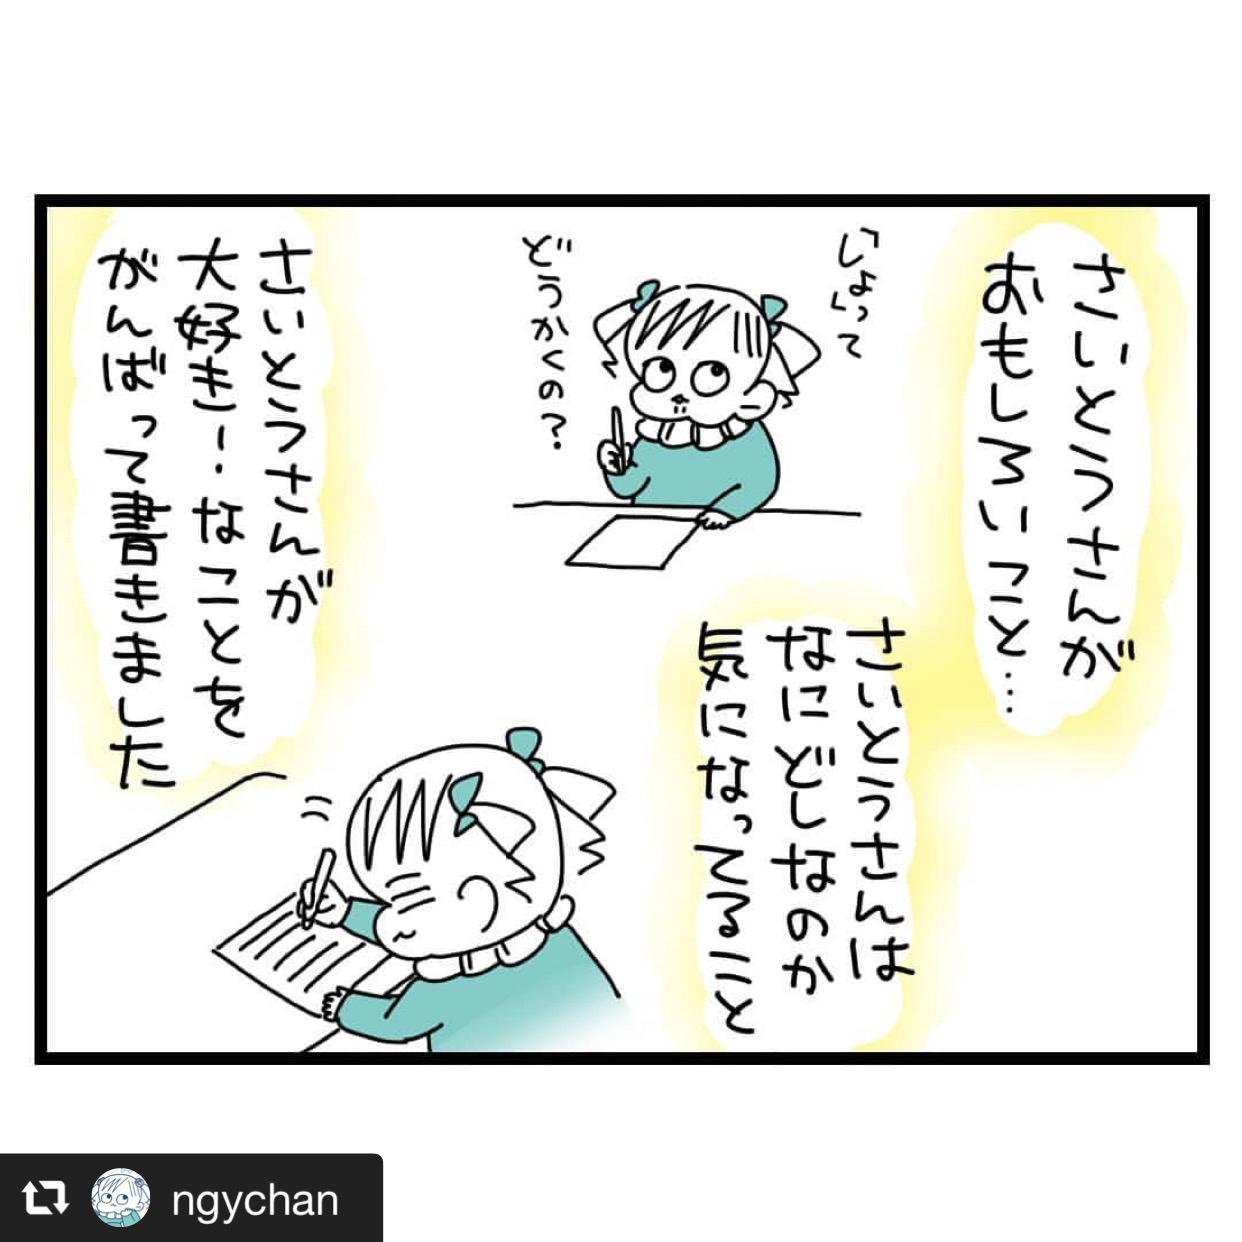 ジャンポケ斉藤さんが好きすぎてファンレターを書くことに 画像2